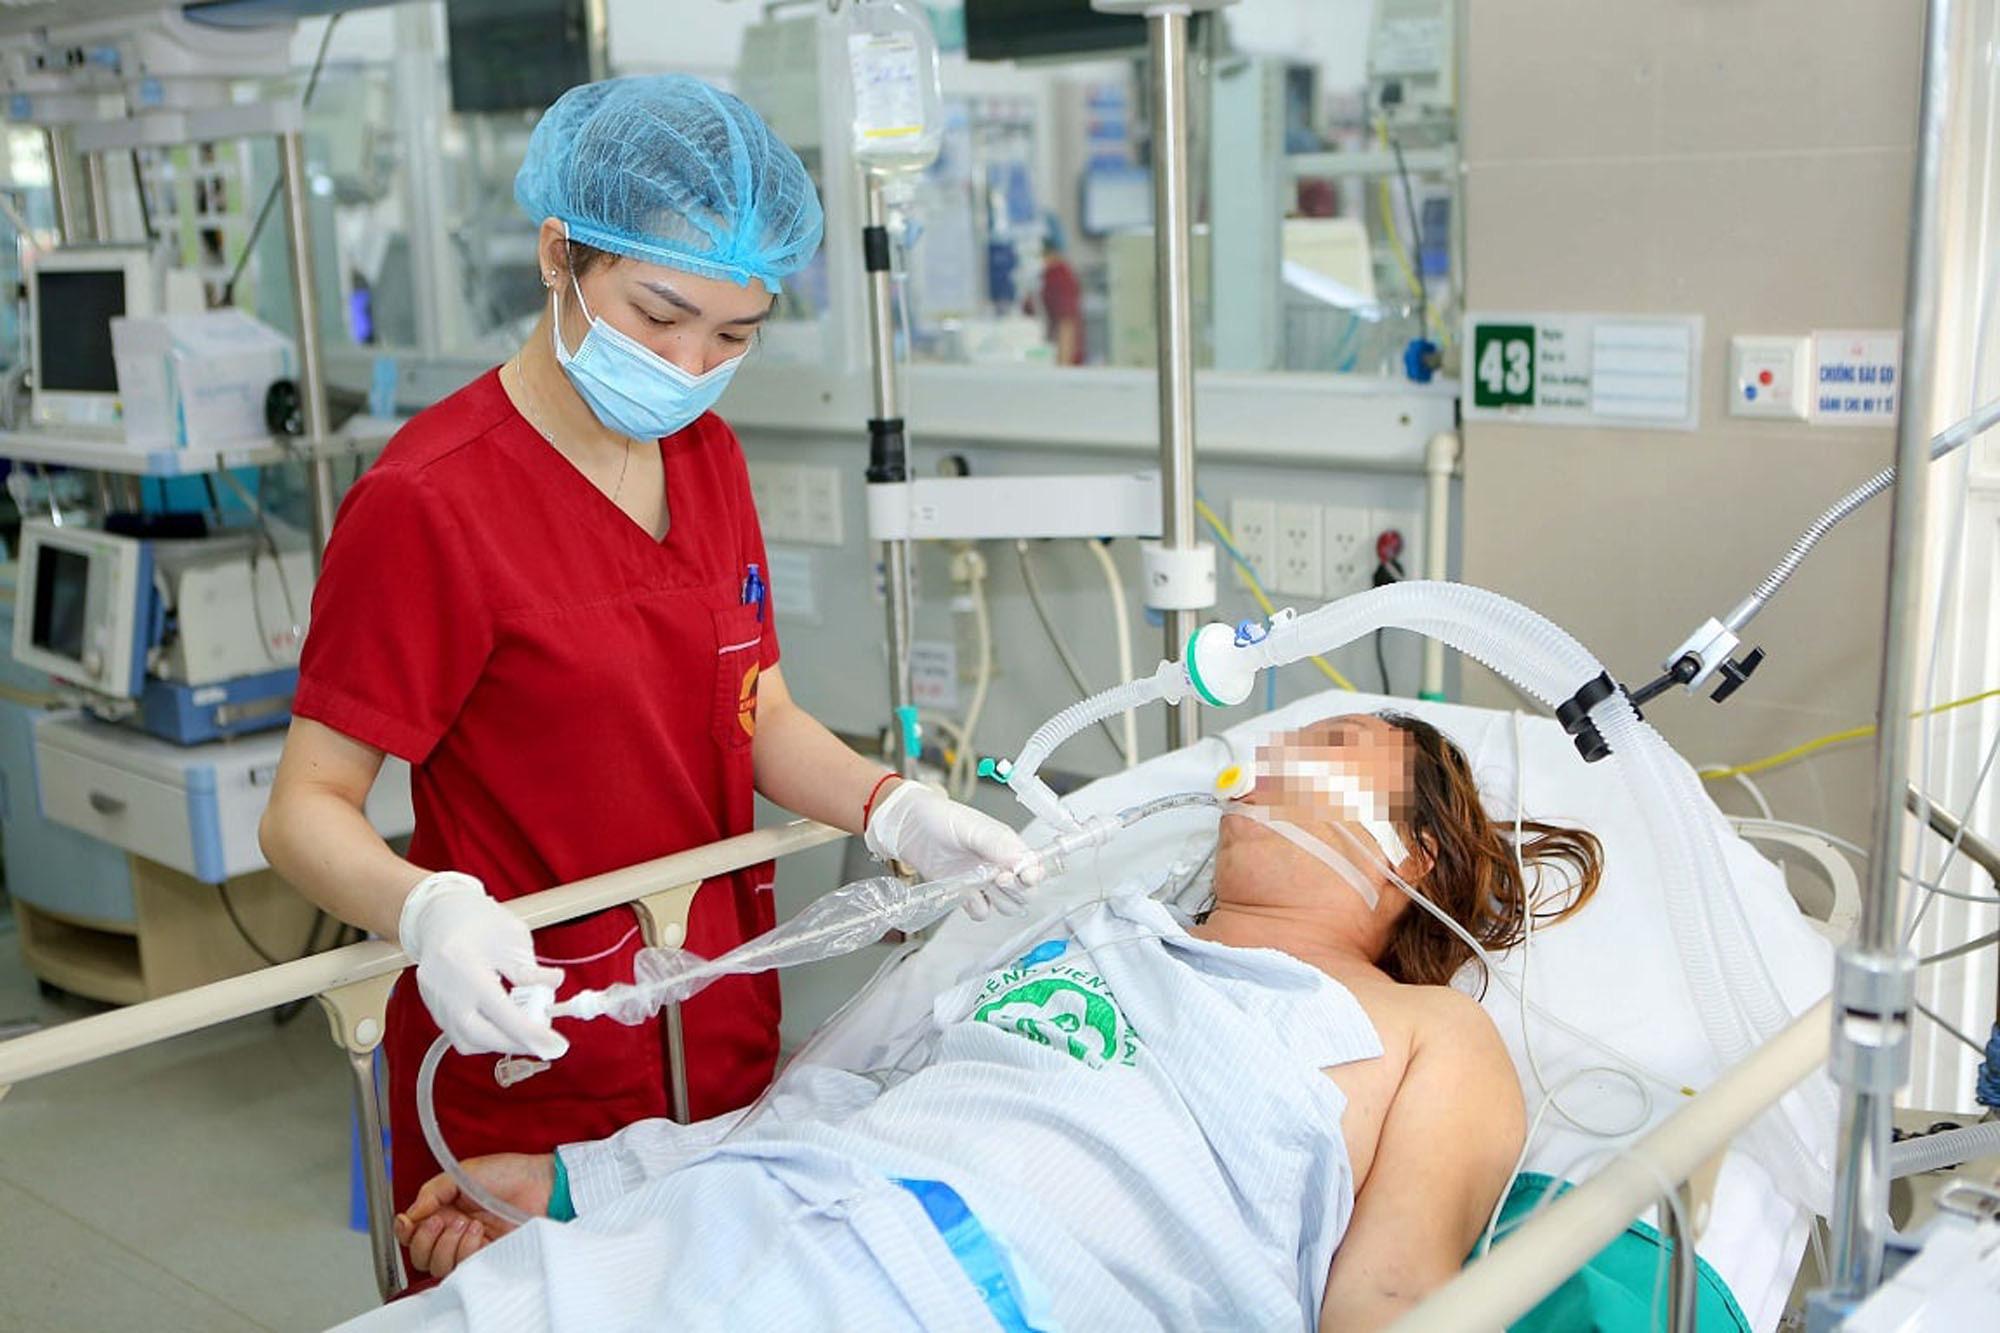 Chịu áp lực nặng nề nhưng vẫn có 51% nhân viên Bệnh viện Bạch Mai hài lòng về lãnh đạo  - Ảnh 7.